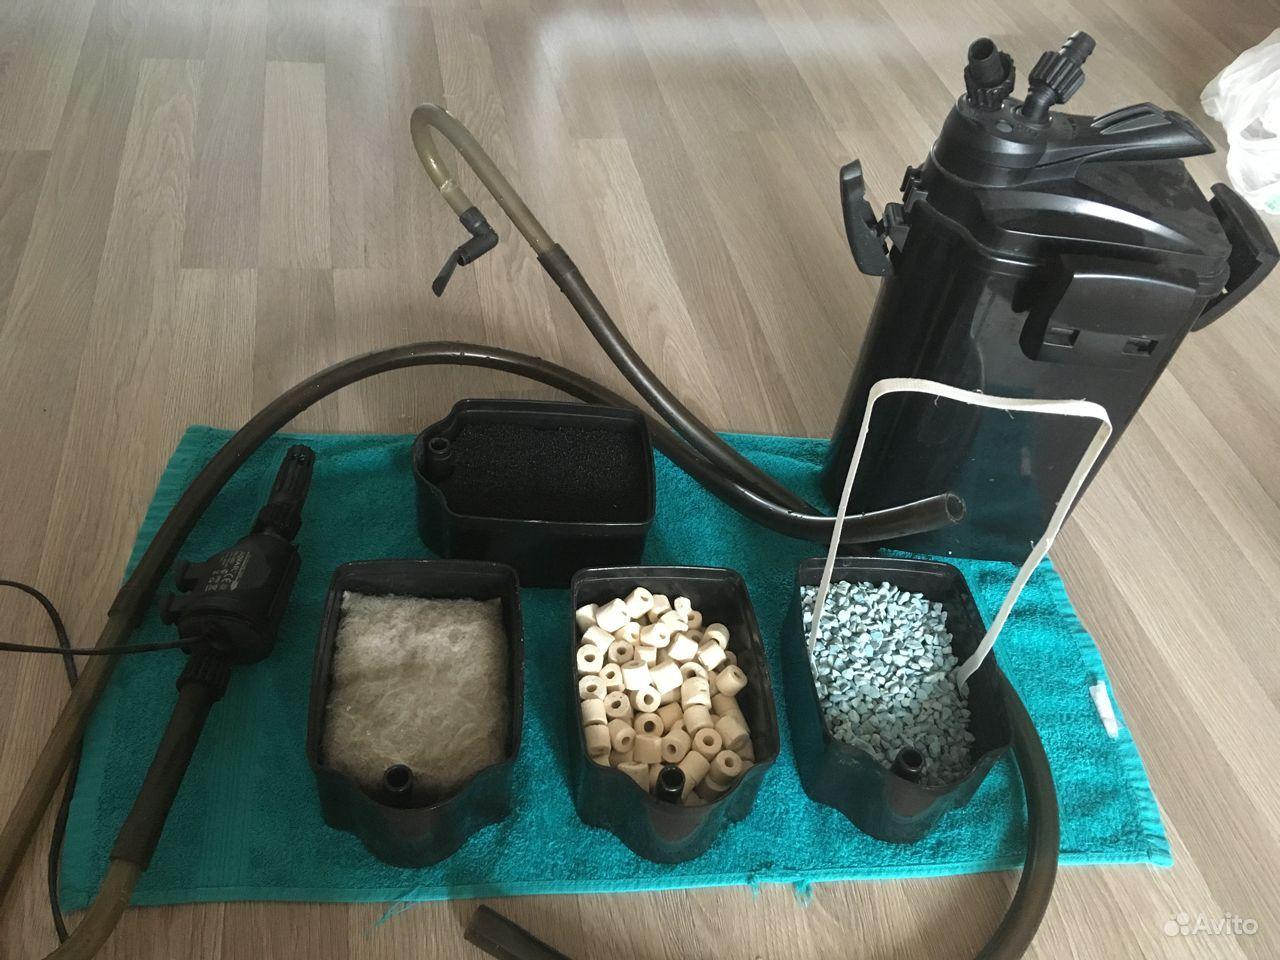 Фильтры для аквариума и обогреватель купить на Зозу.ру - фотография № 1